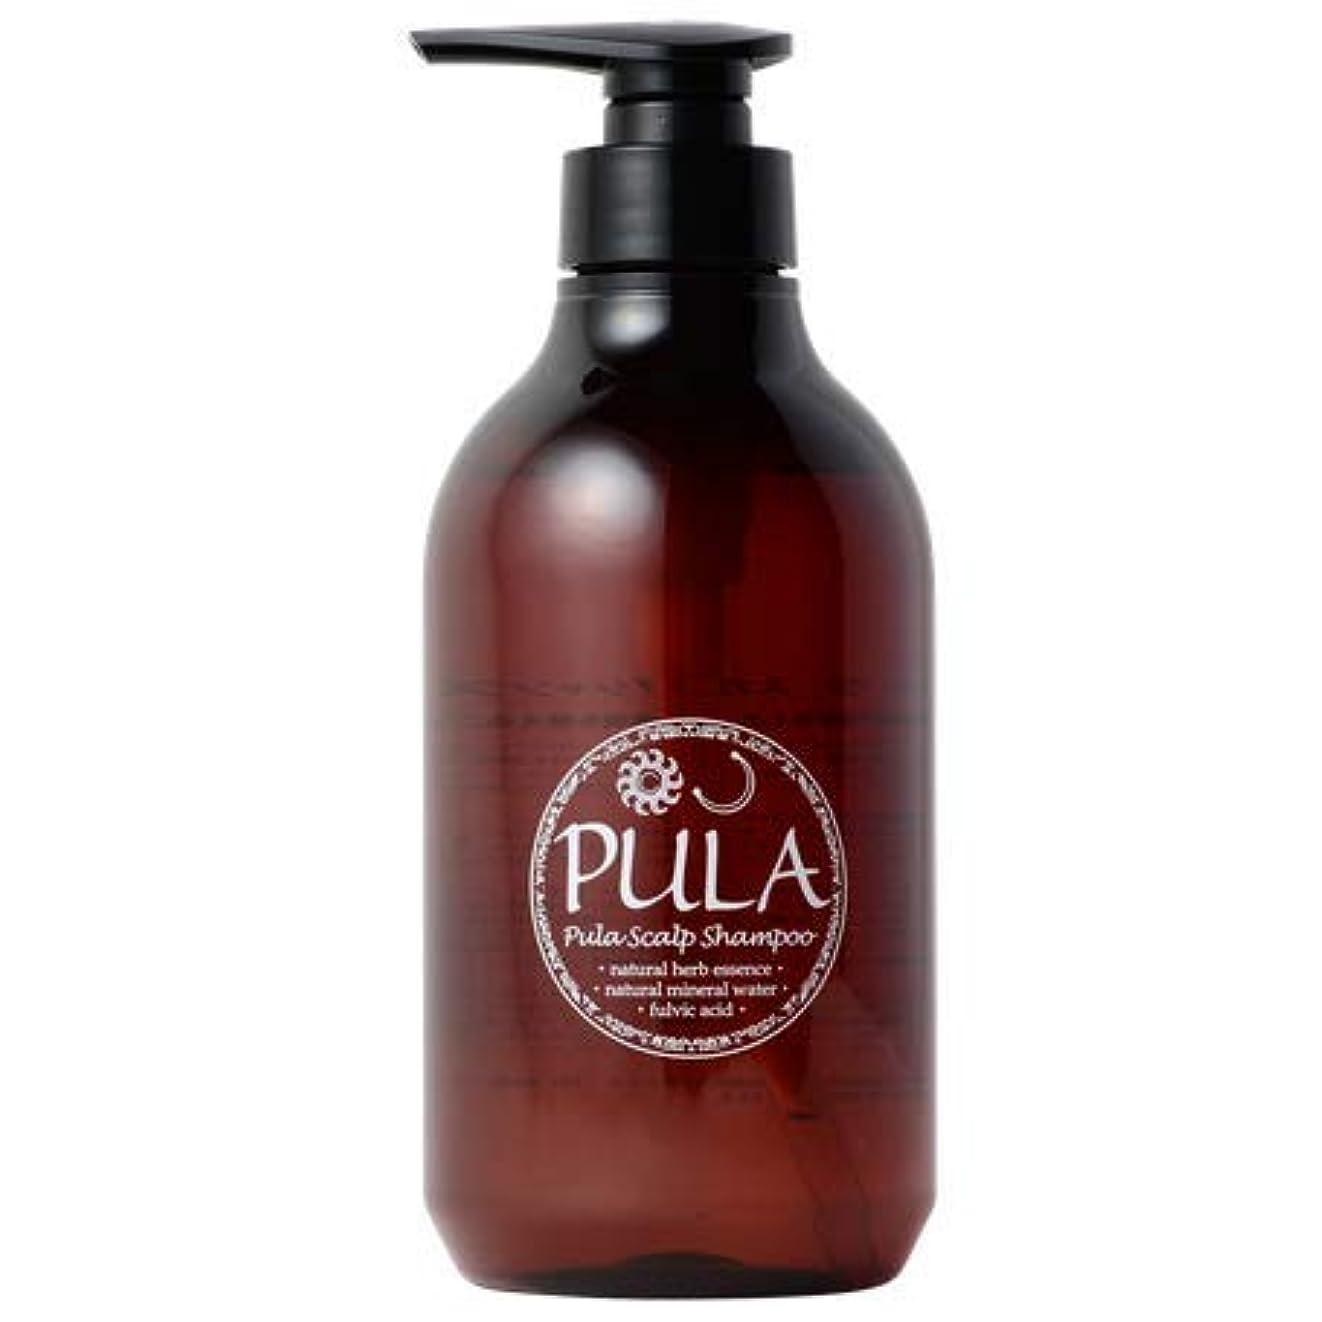 ごちそうまさにチャンピオンプーラ スカルプ シャンプー 500ml 【 天然フレグランス/頭皮に優しい 】 ヘッドスパ専門店 PULA 自然由来配合